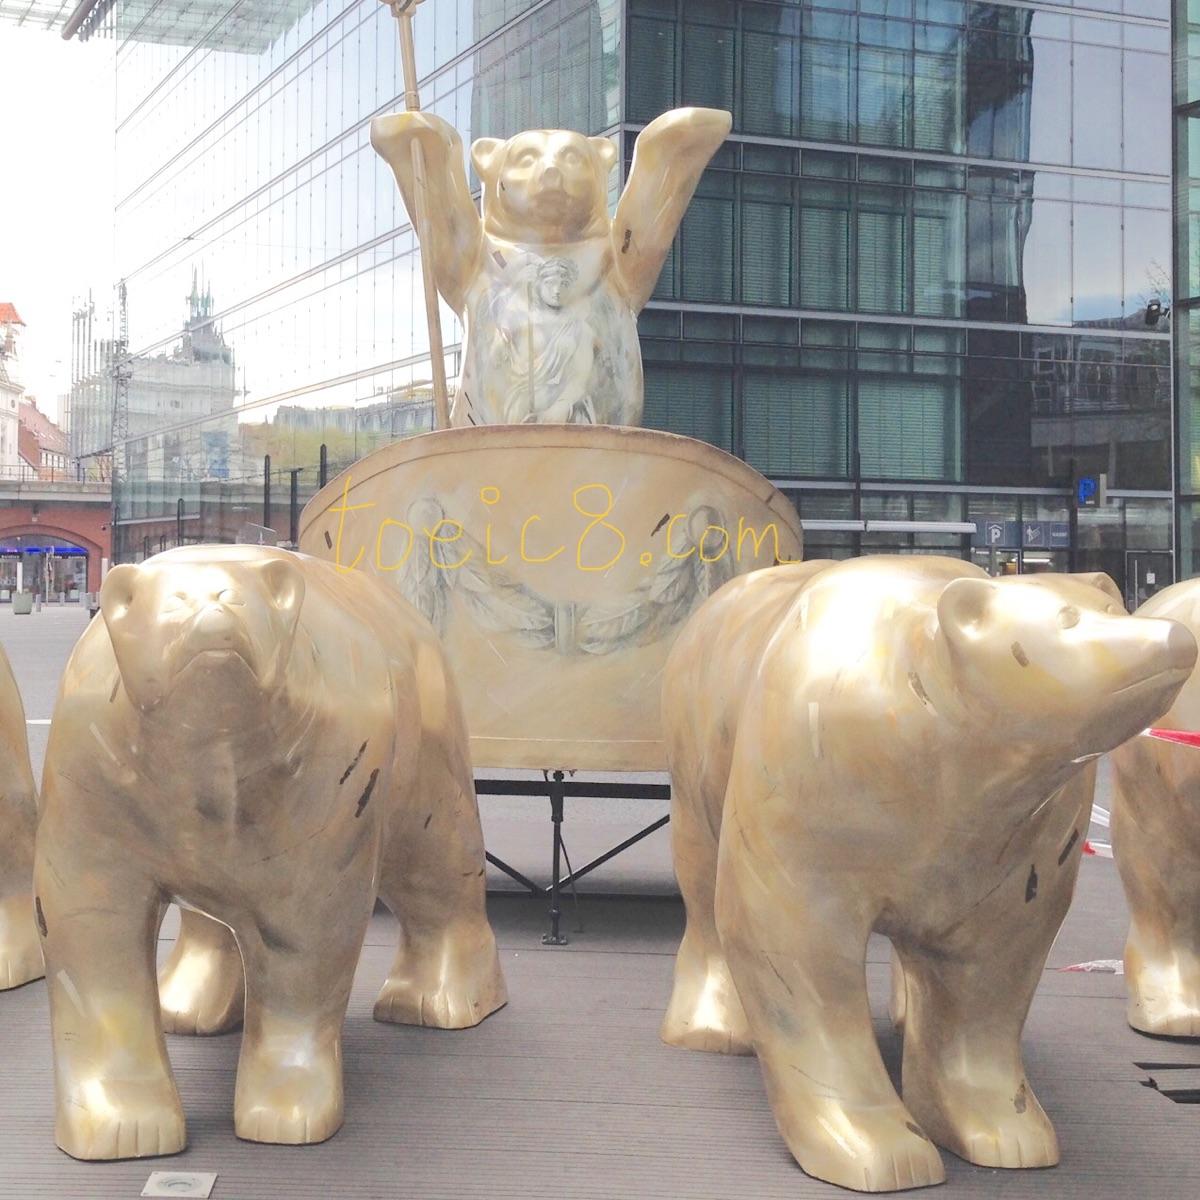 ポッドキャストTOEIC研究室きくメルマガ第11話のエピソード・アートワーク、ベルリンの熊の像です。